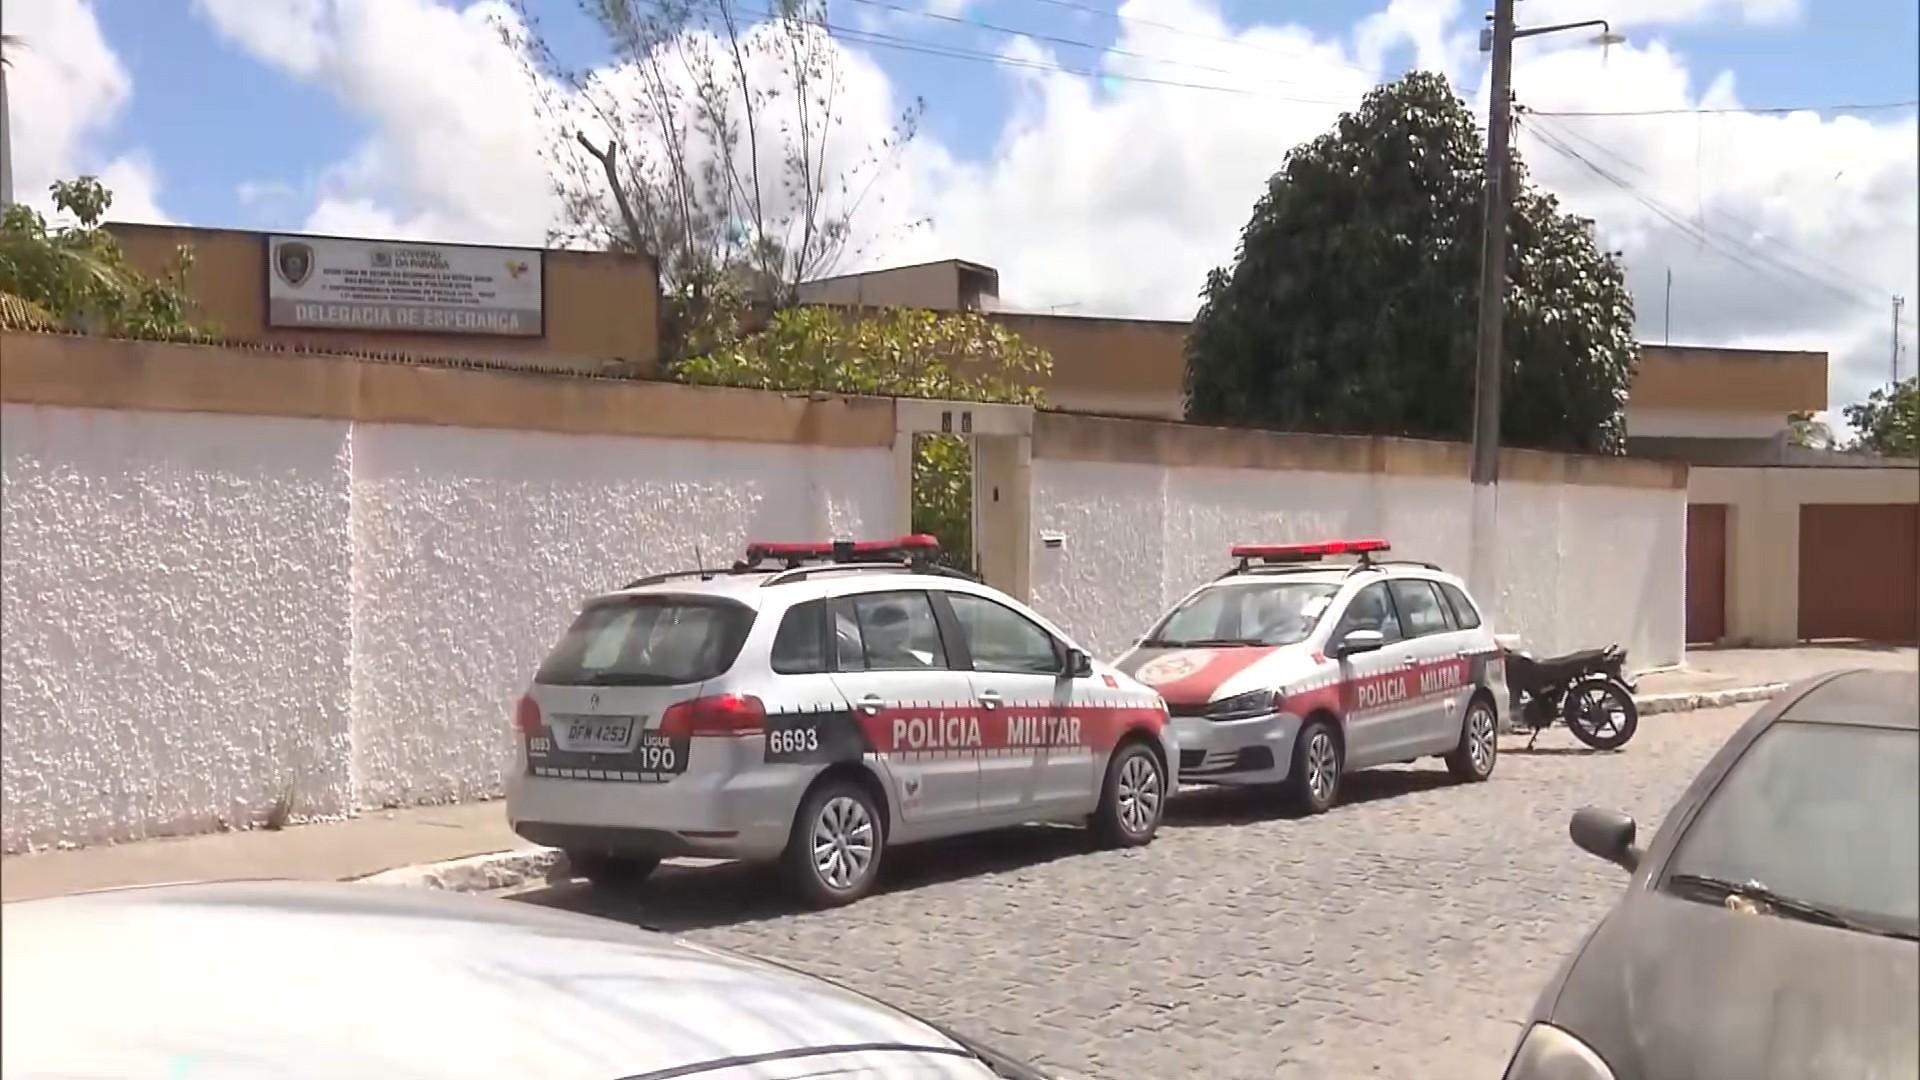 Homem é preso com drogas escondidas dentro de colchão em Esperança, PB - Radio Evangelho Gospel